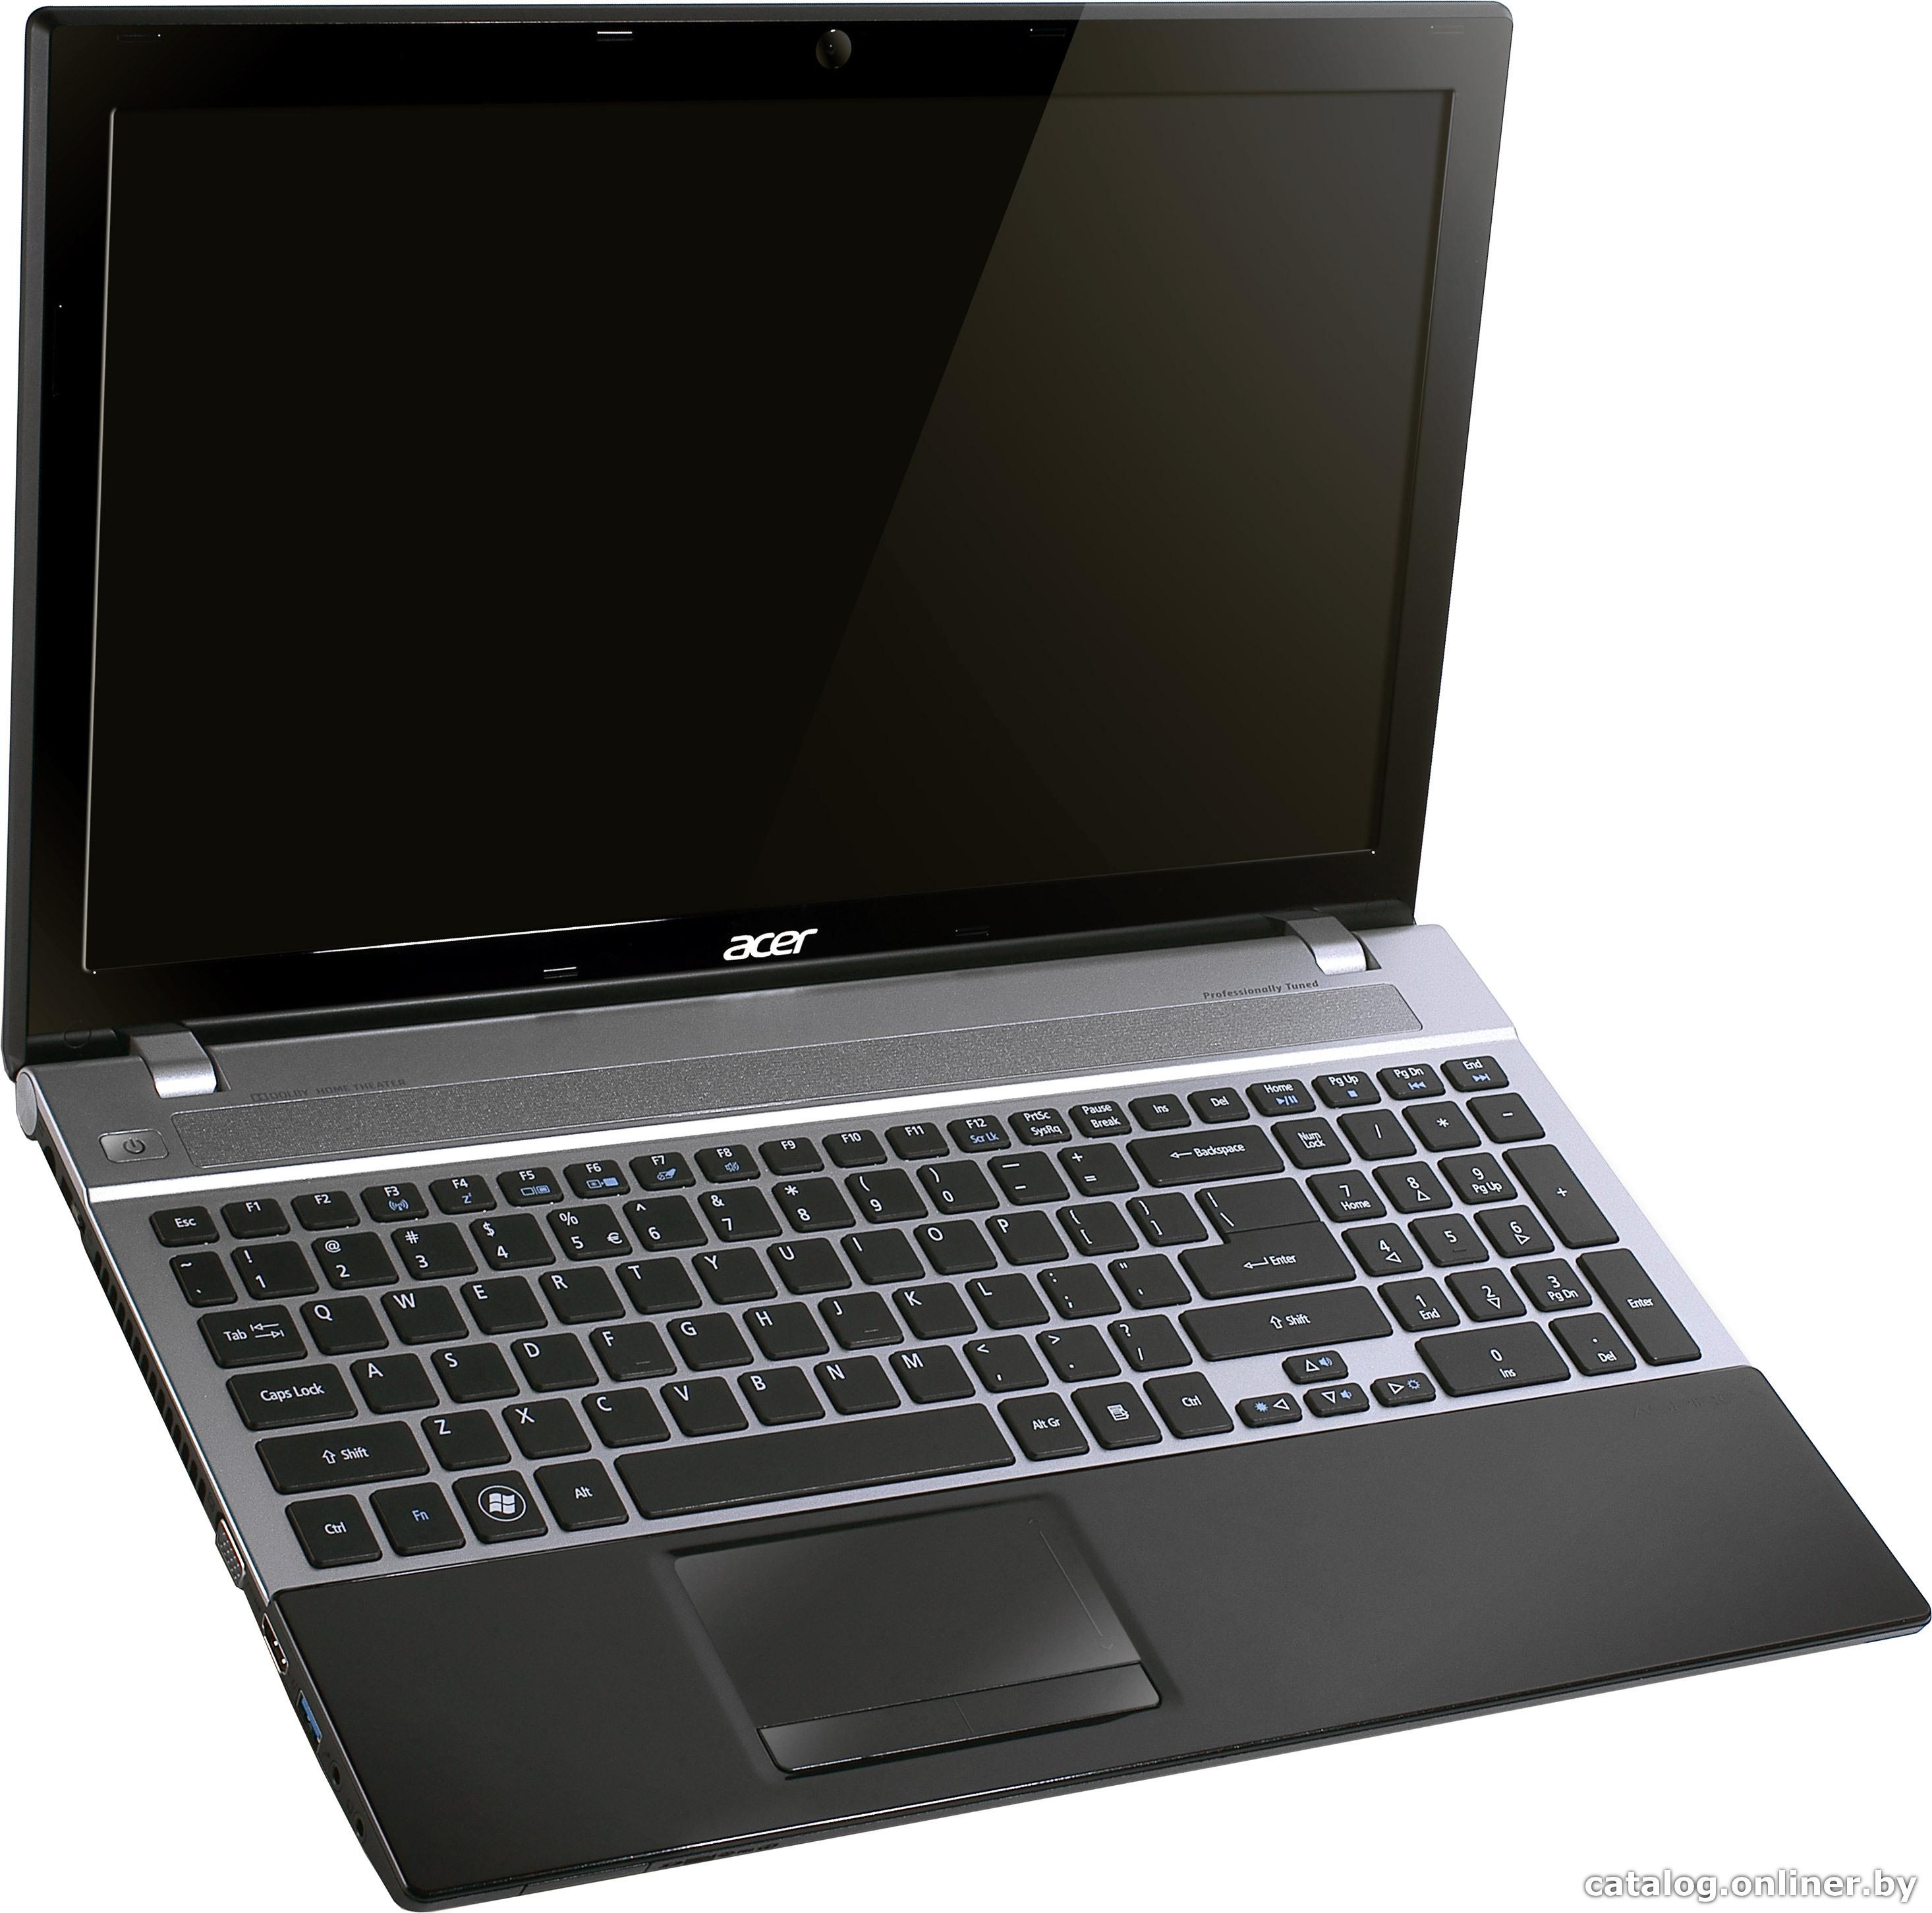 ACER ASPIRE V3-7710 INTEL USB 3.0 DOWNLOAD DRIVER